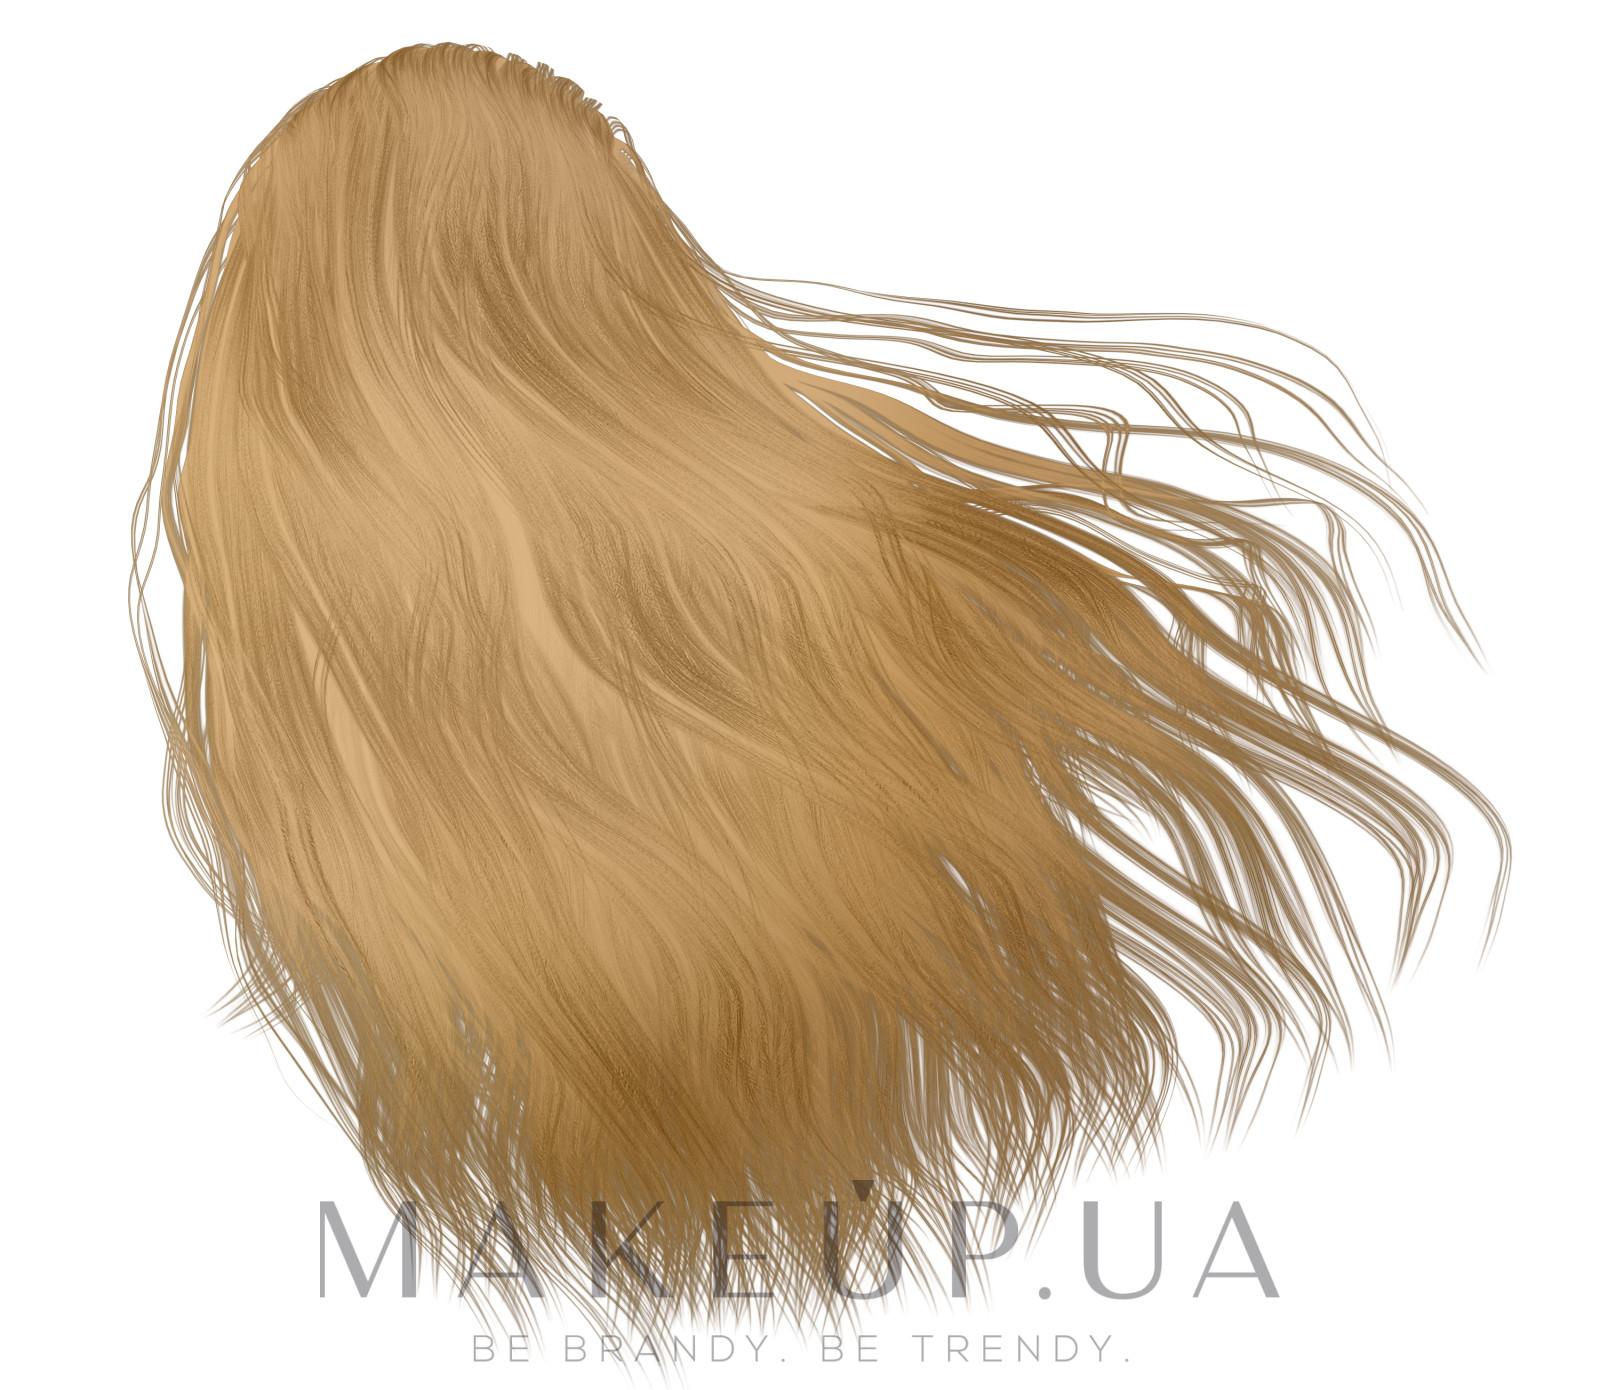 Стойкая краска для волос - Revlon ColorSilk Beautiful Color — фото 03 - Ультра-светлый солнечный блондин(11G)